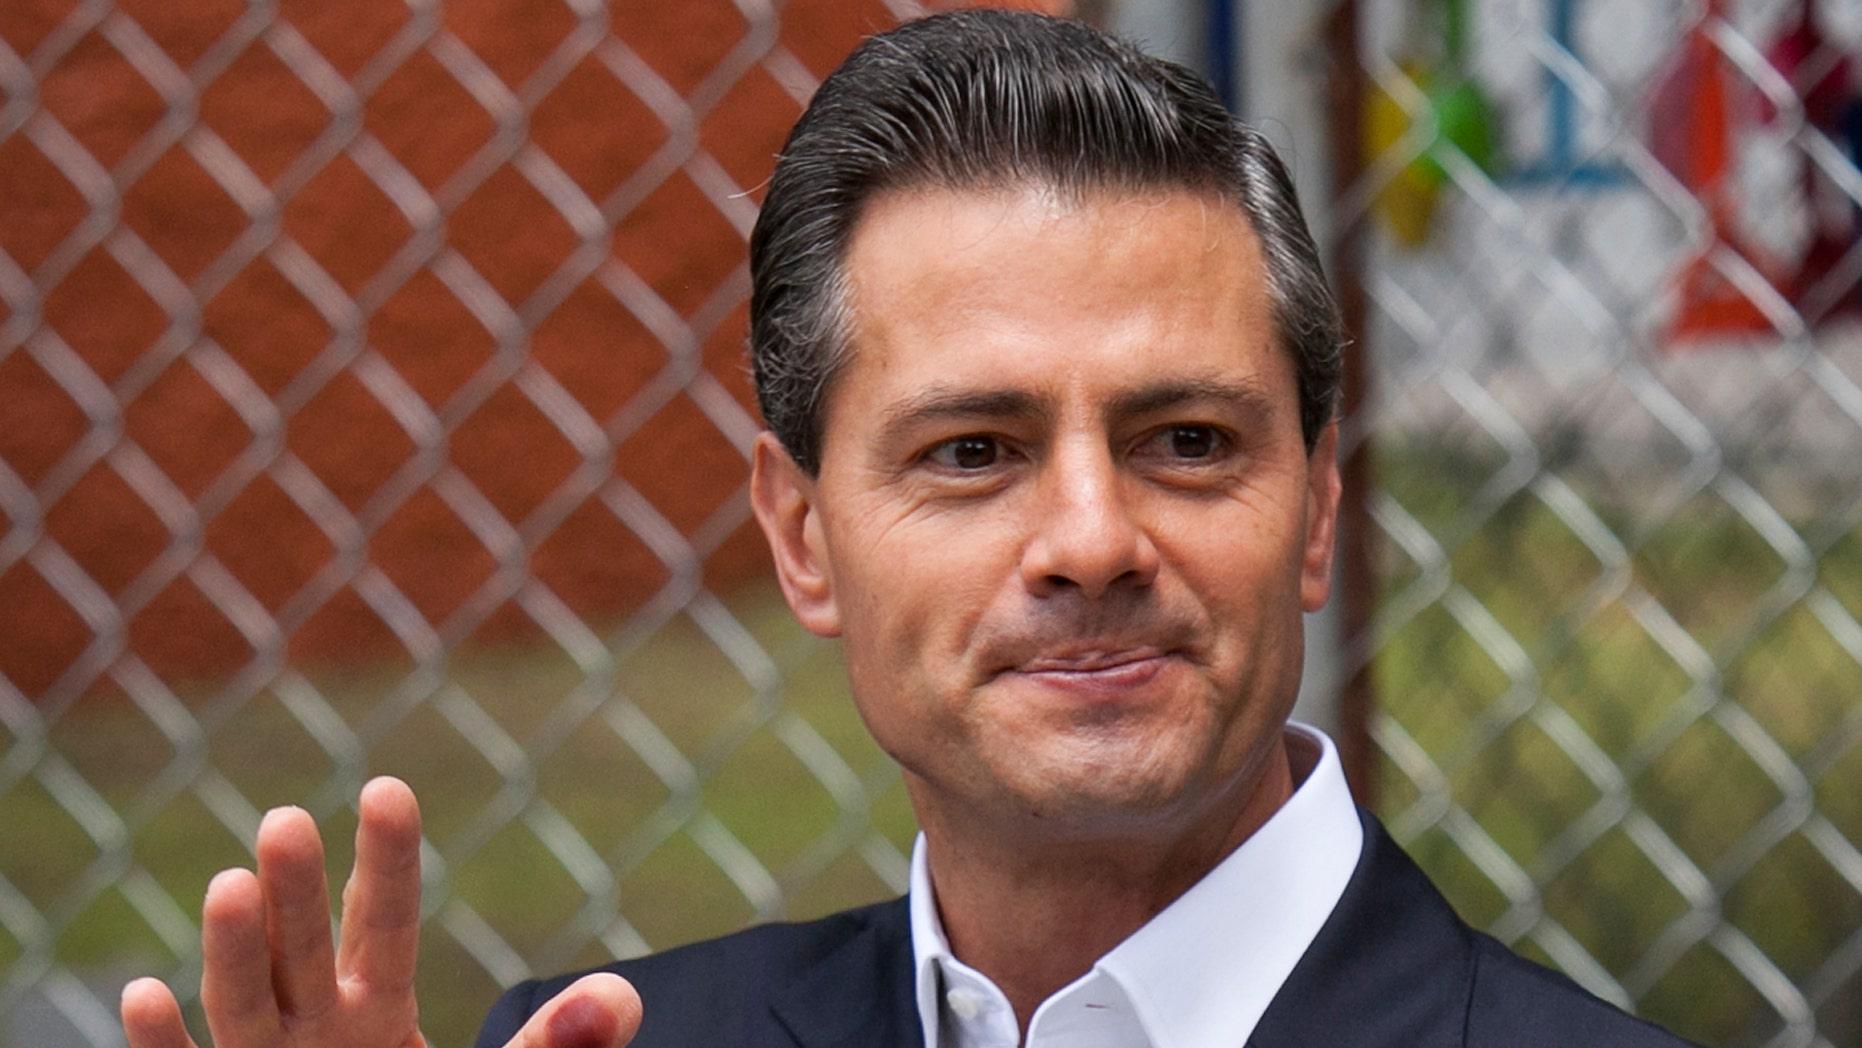 Mexico's President Enrique Pena Nieto in a 2015 file photo.